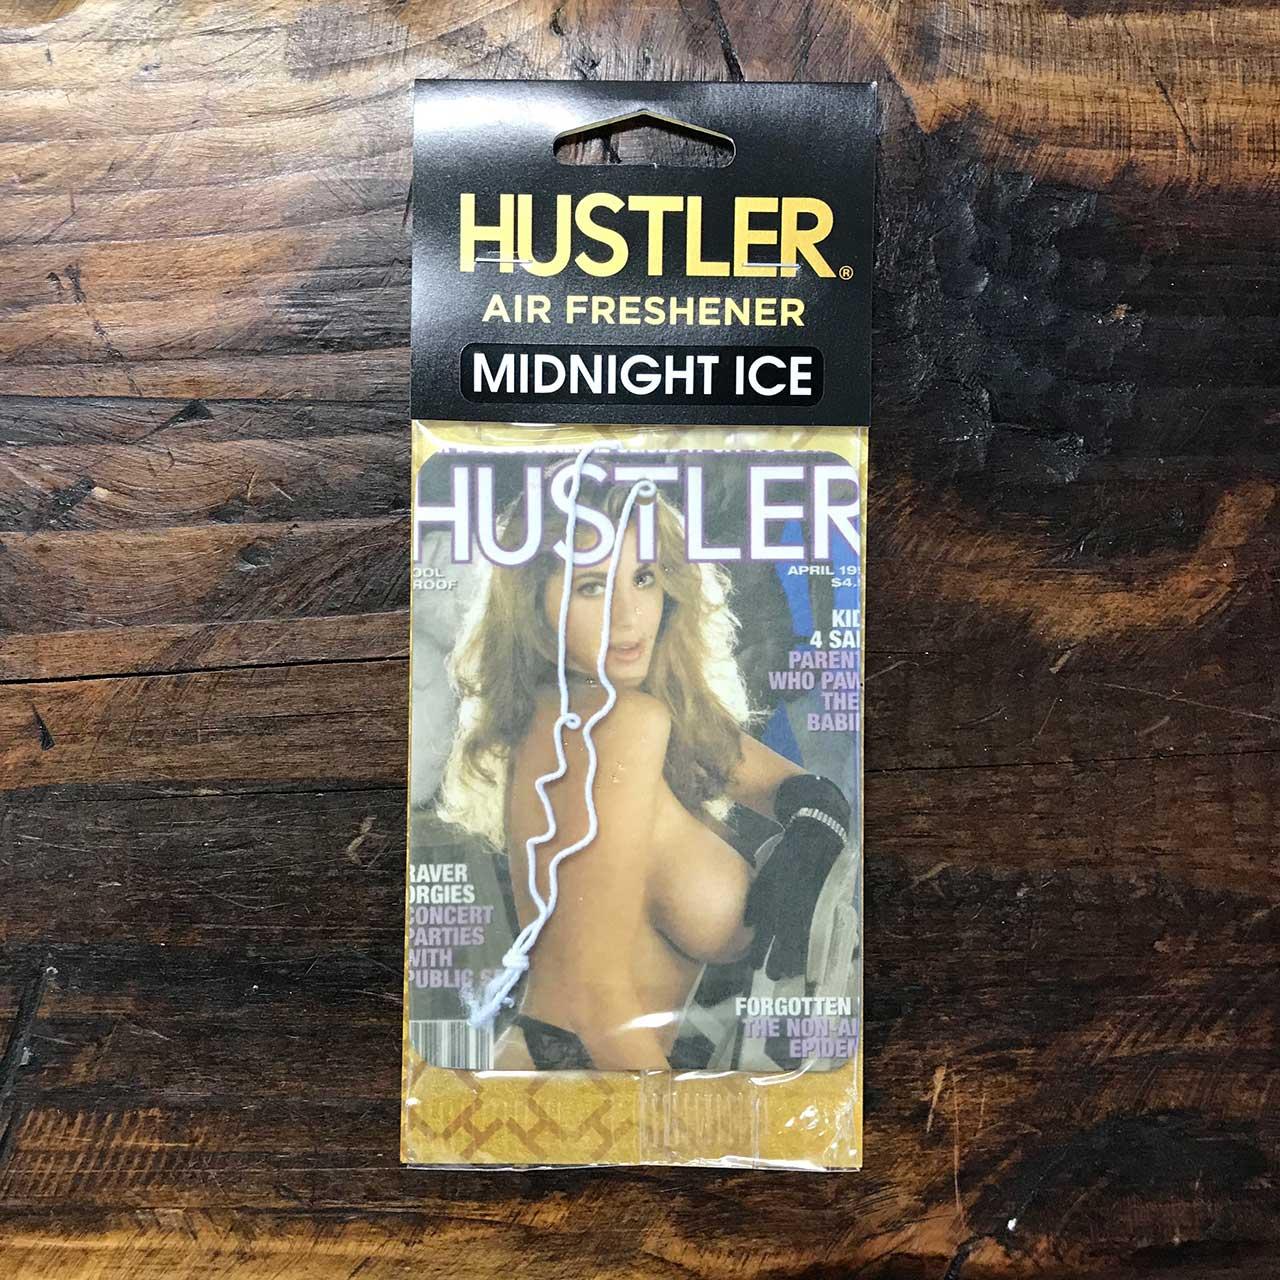 HUSTLERセクシーガールエアフレッシュナー・芳香剤・ミッドナイトアイス(ブラックアイス風)1994-04